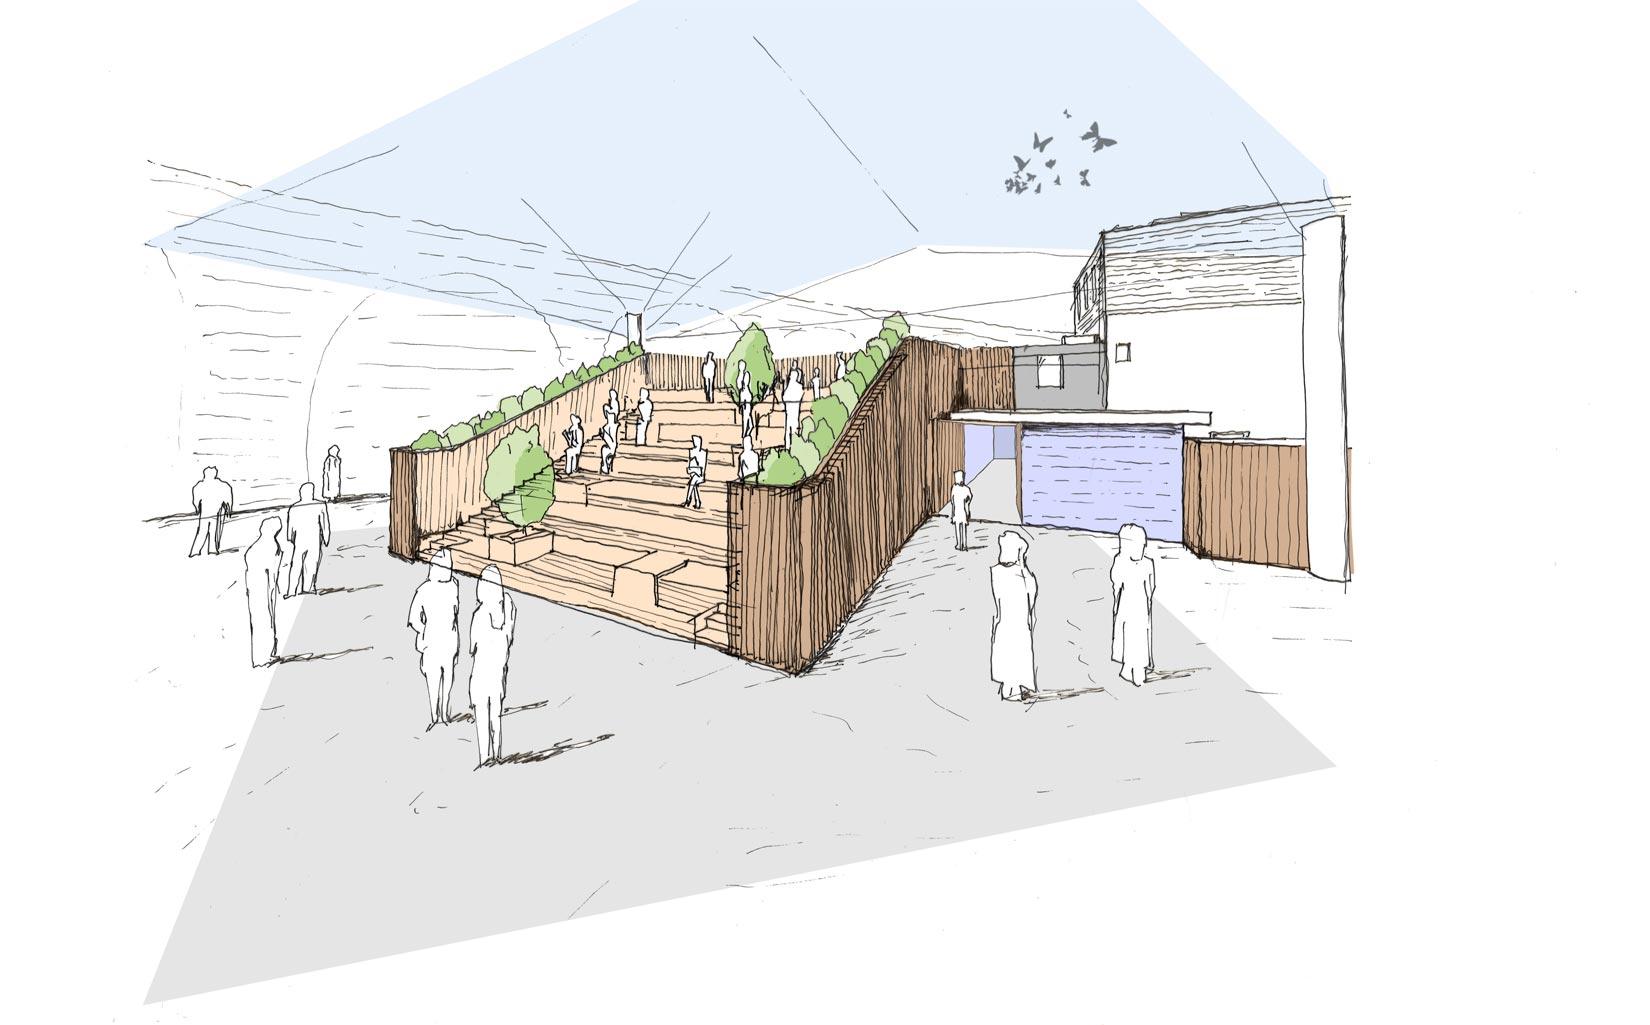 Jubilee Place, Borough Market, London, Sketch Concept